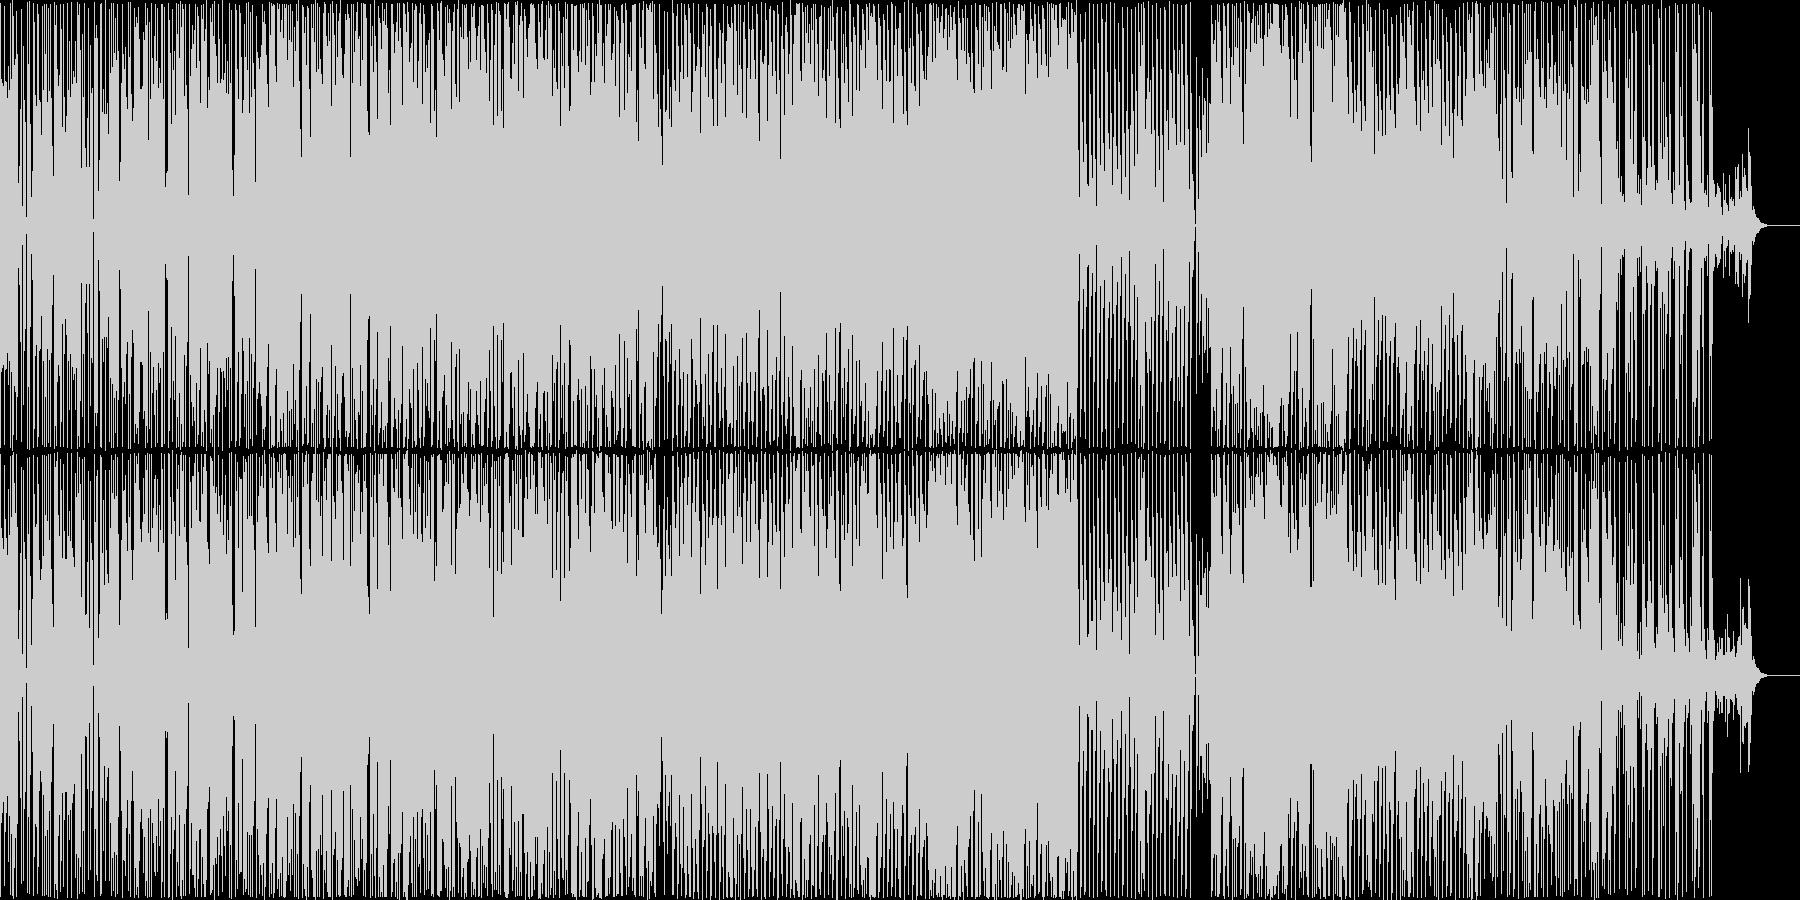 ミドルテンポでファンク雰囲気の楽曲の未再生の波形